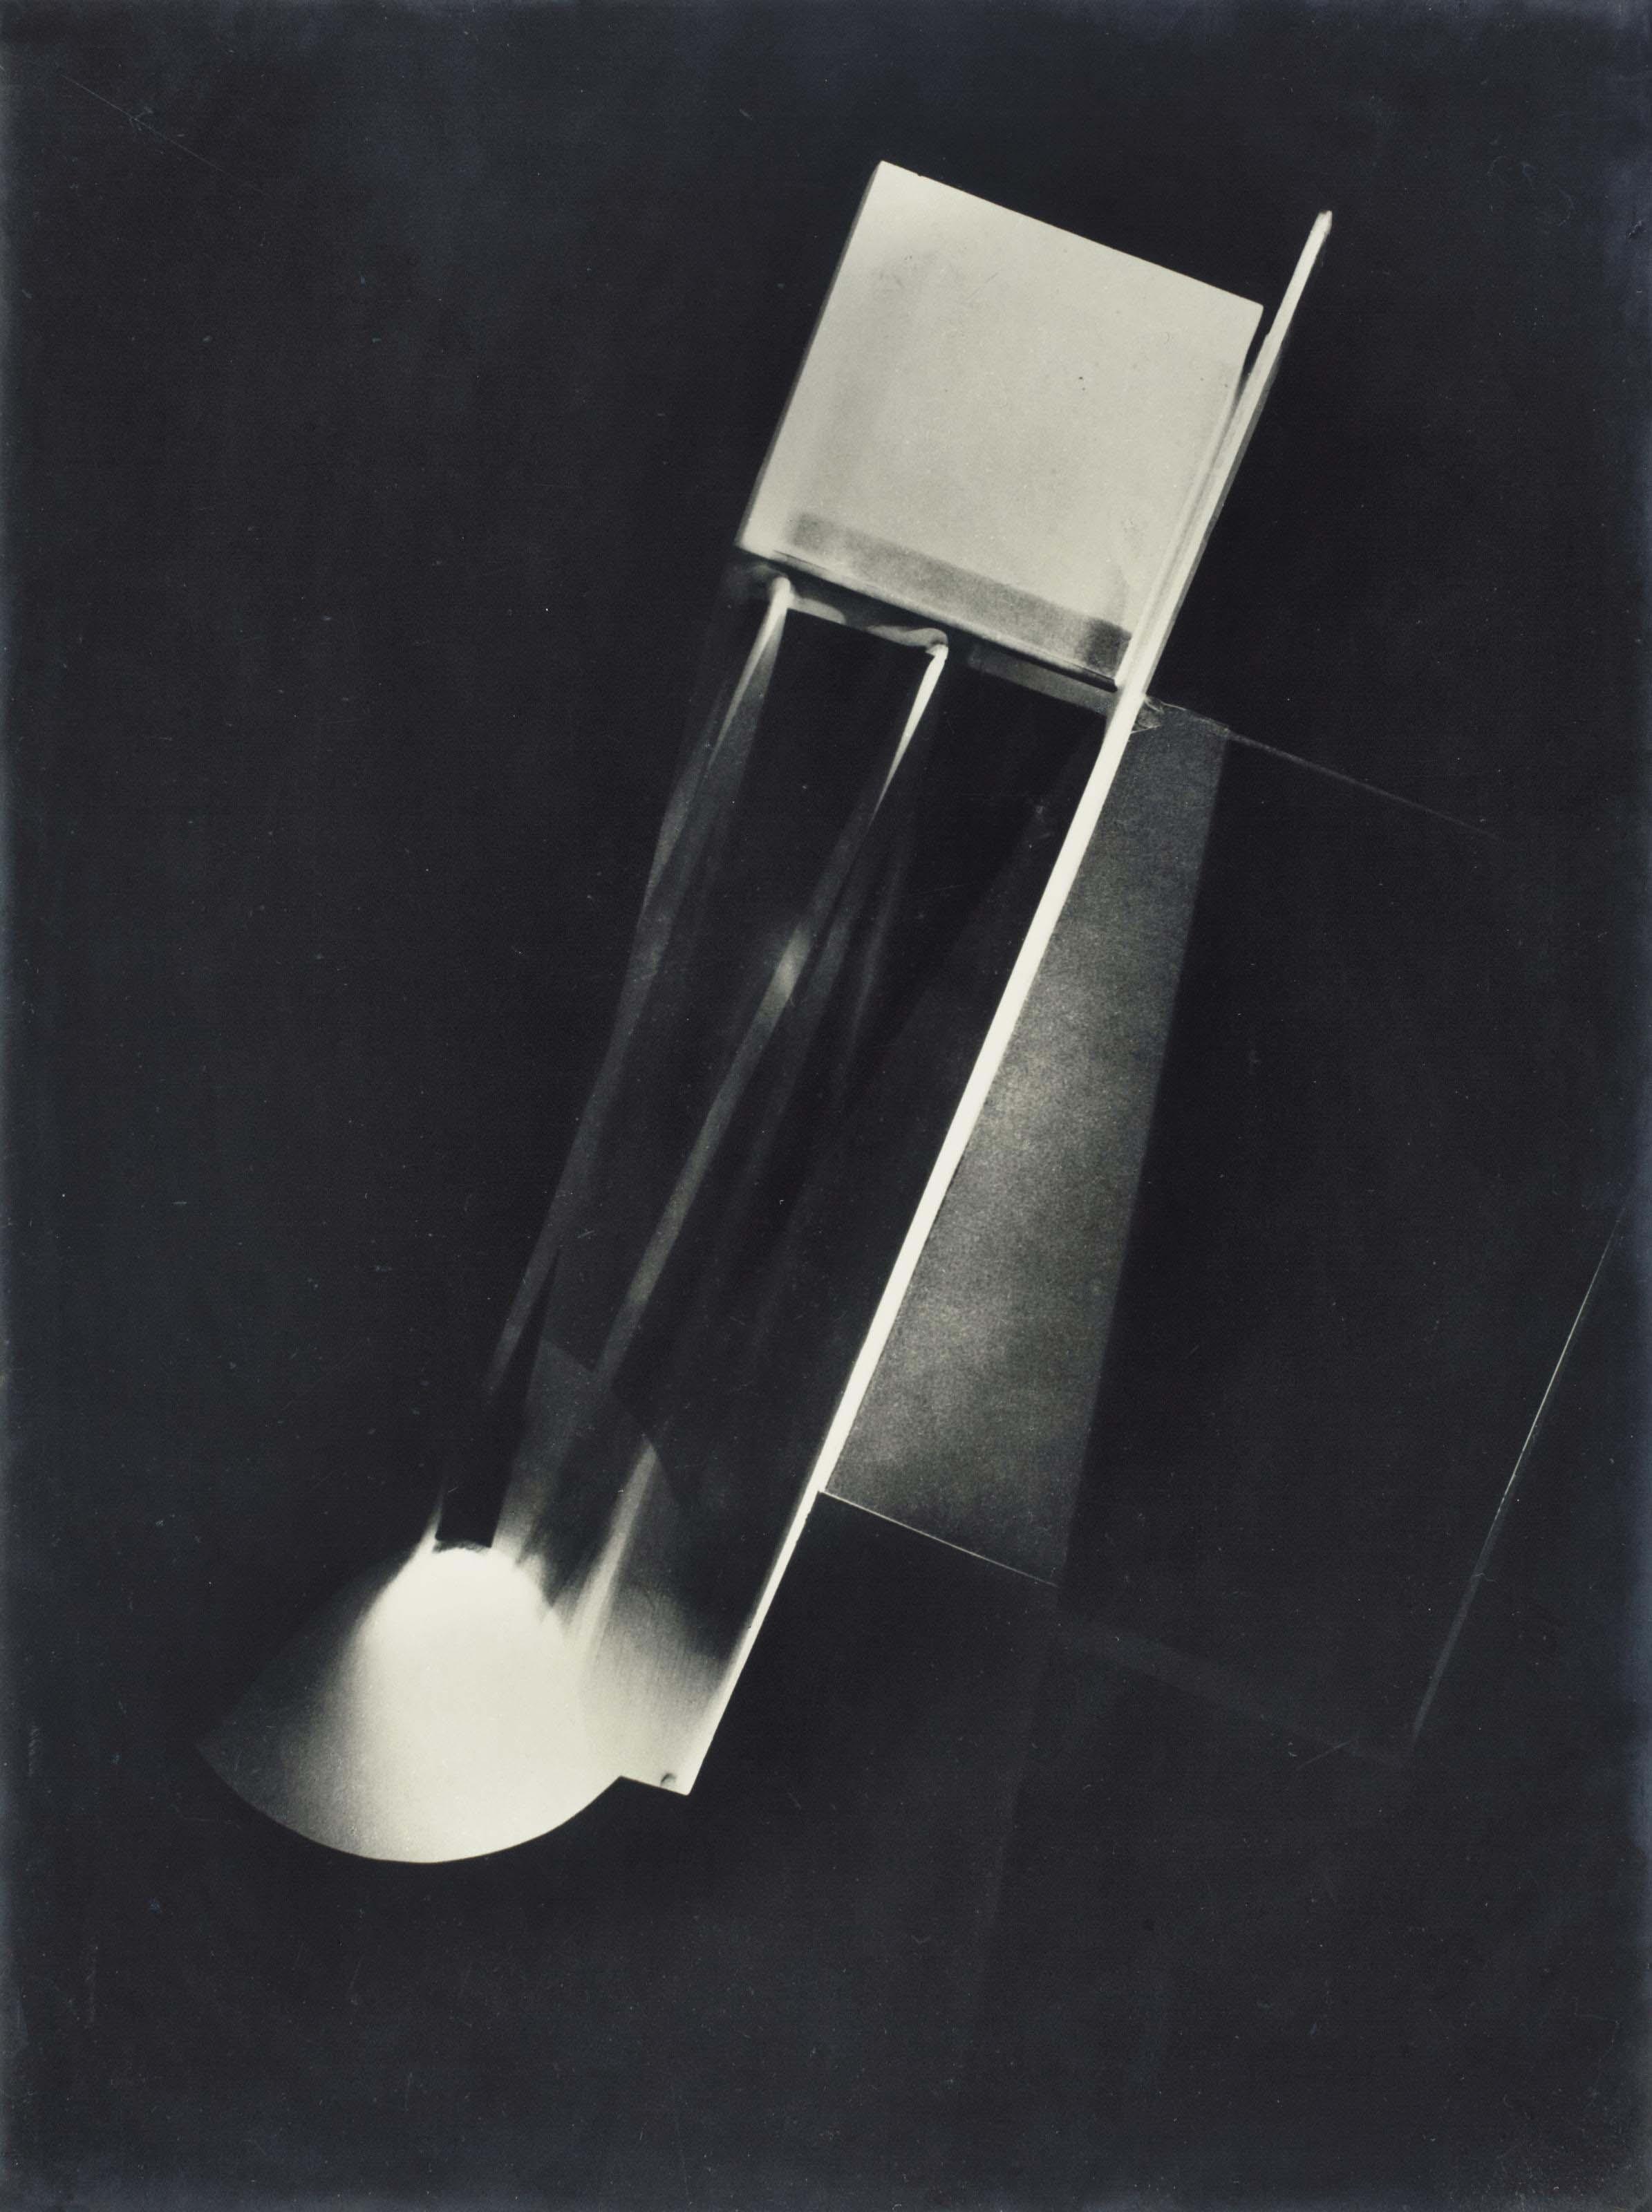 LAZSLO MOHOLY-NAGY (1895-1946)